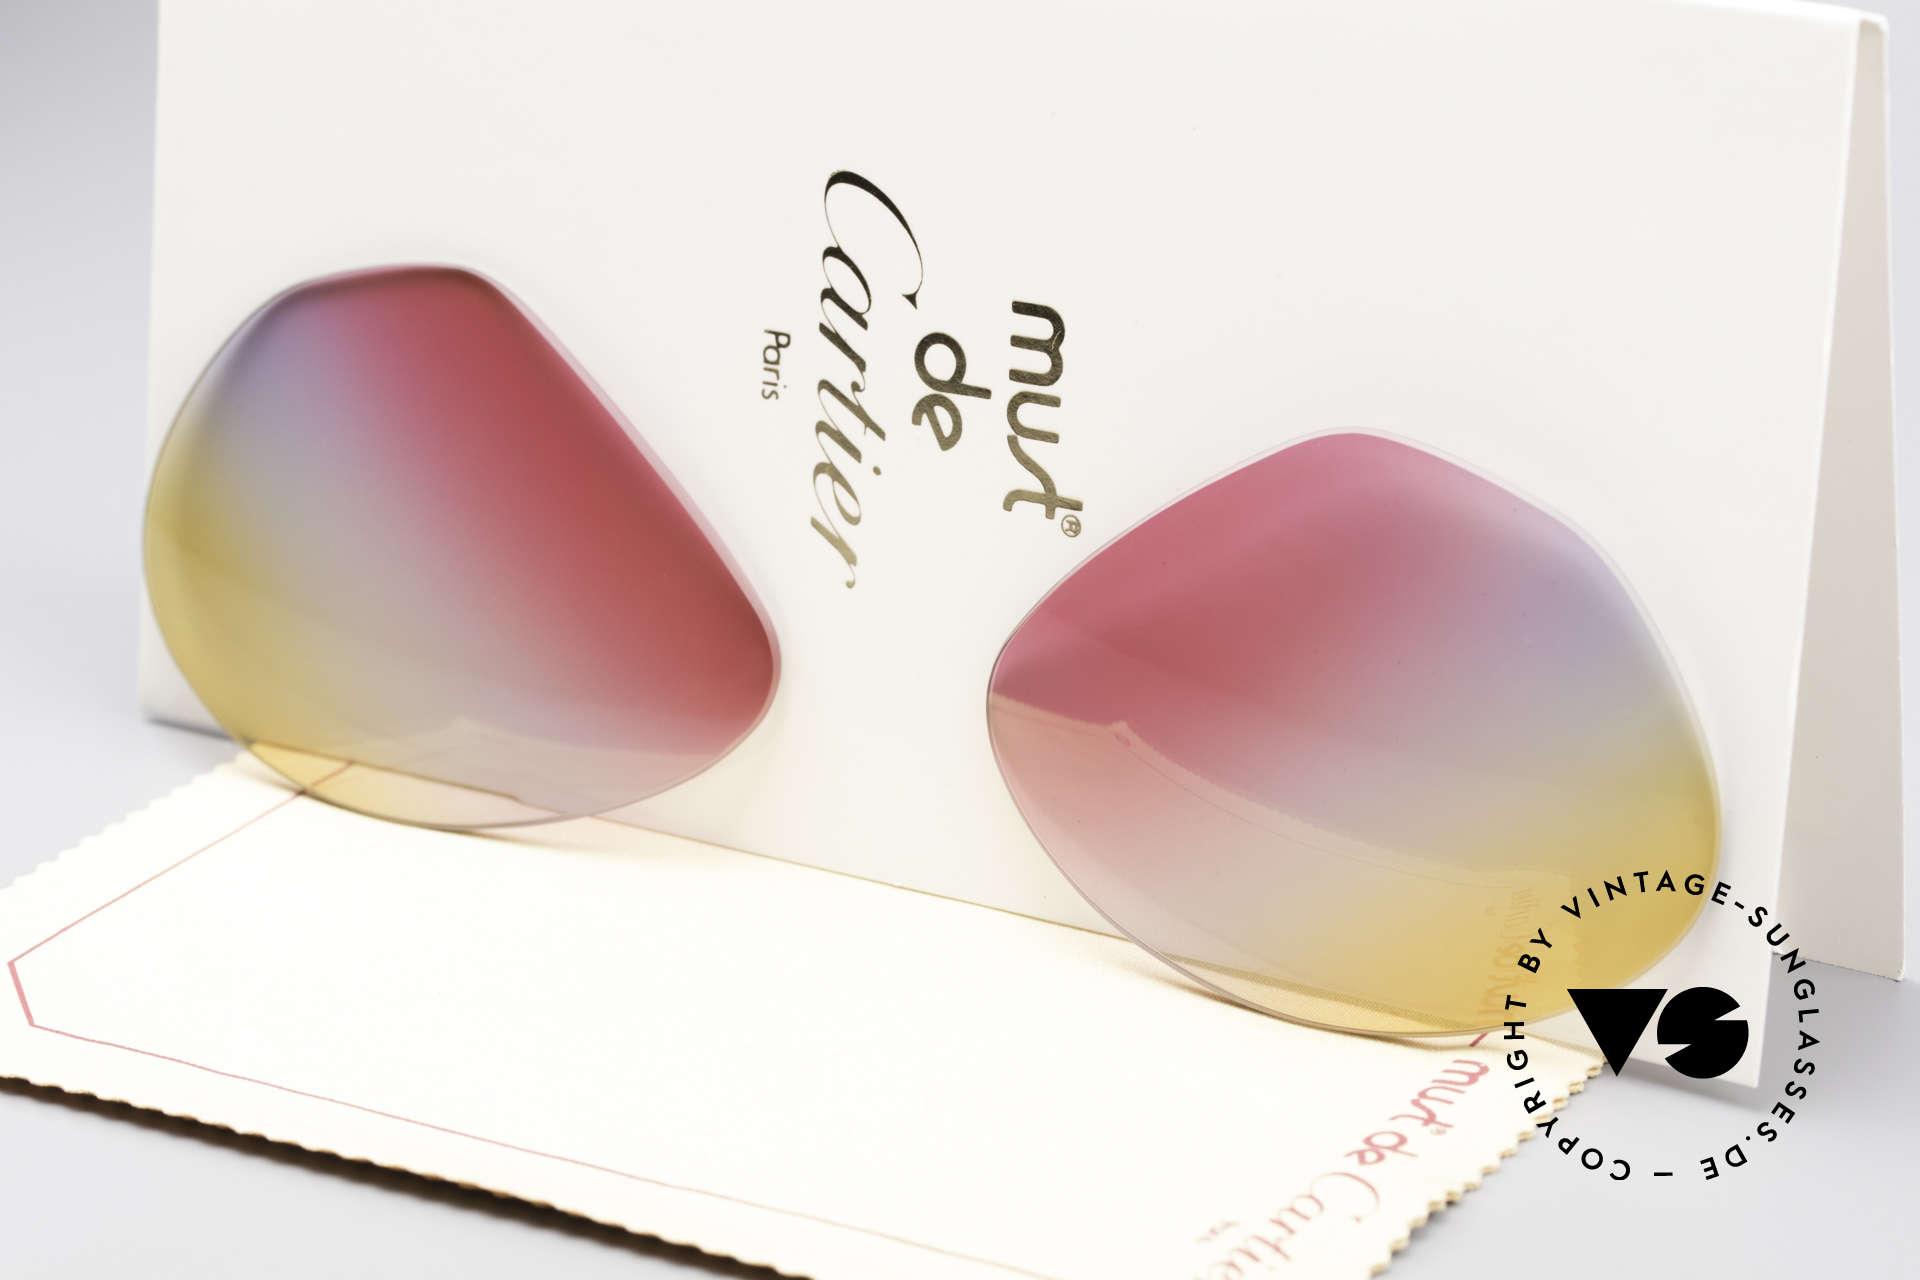 Cartier Vendome Lenses - L Tricolored Sunrise Lenses, new CR39 UV400 plastic lenses (for 100% UV protection), Made for Men and Women